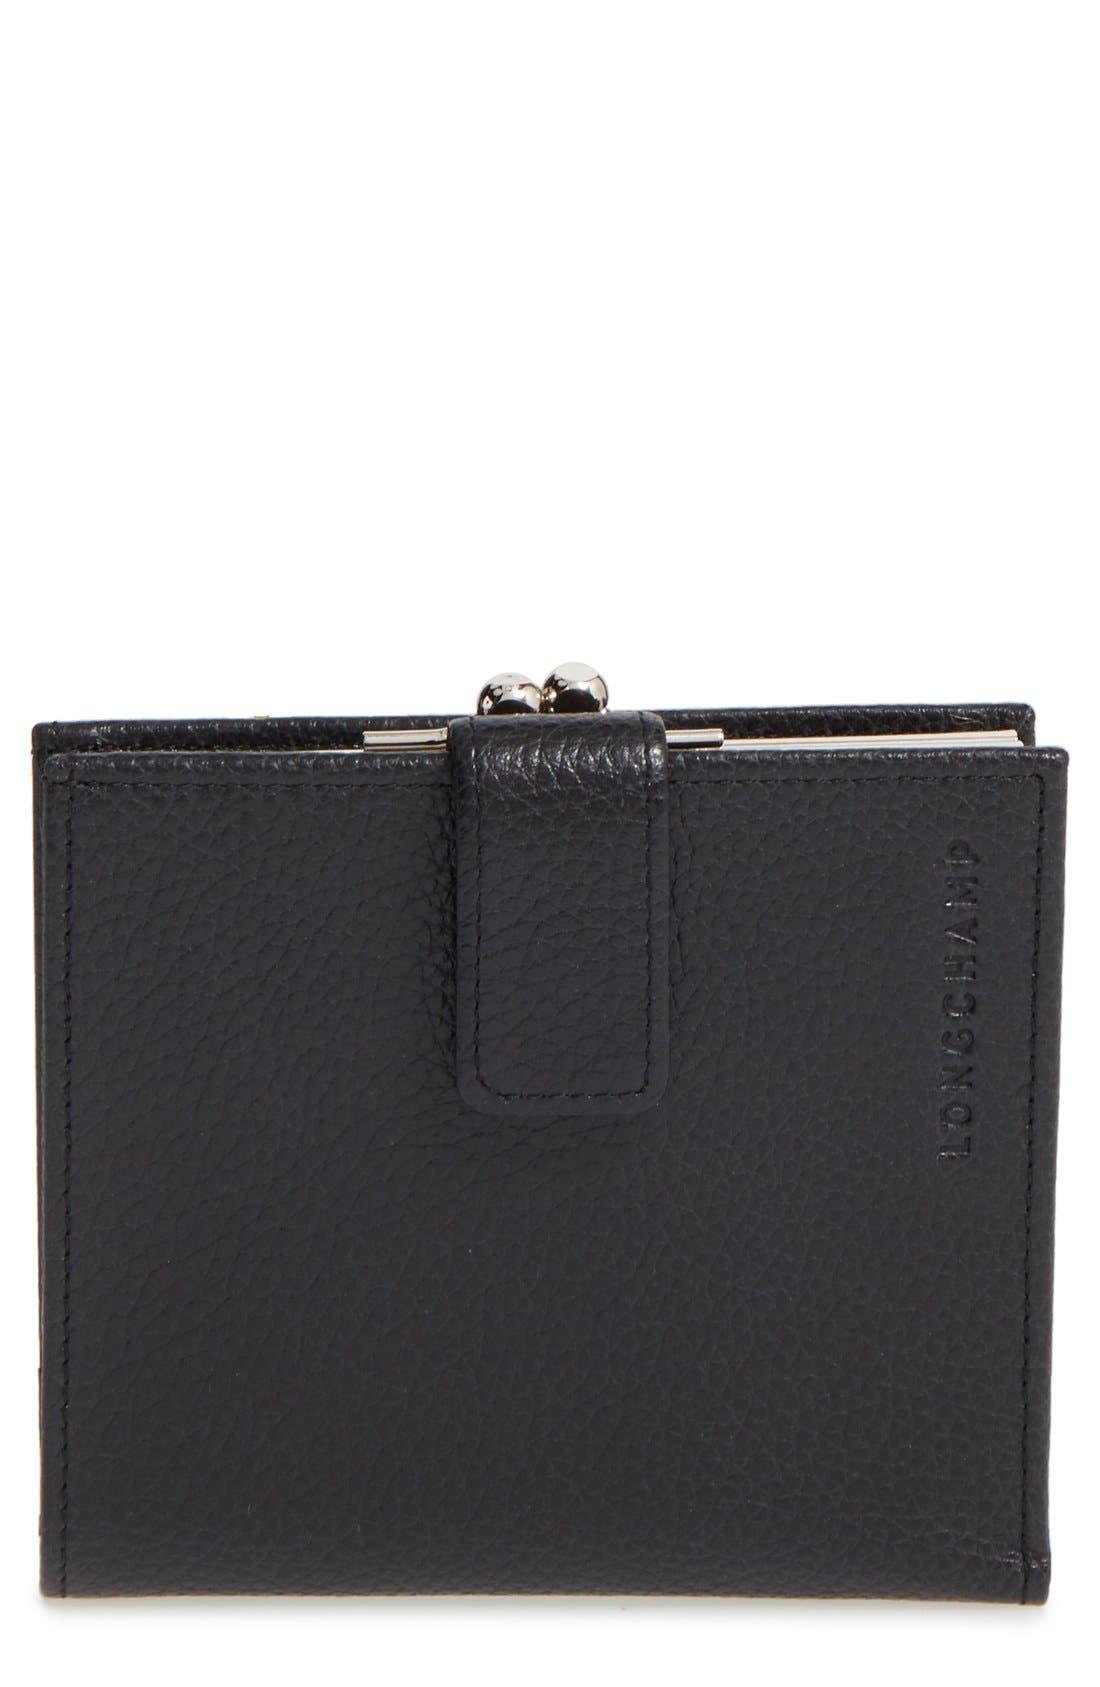 'Le Foulonne' Pebbled Leather Wallet,                         Main,                         color, Black